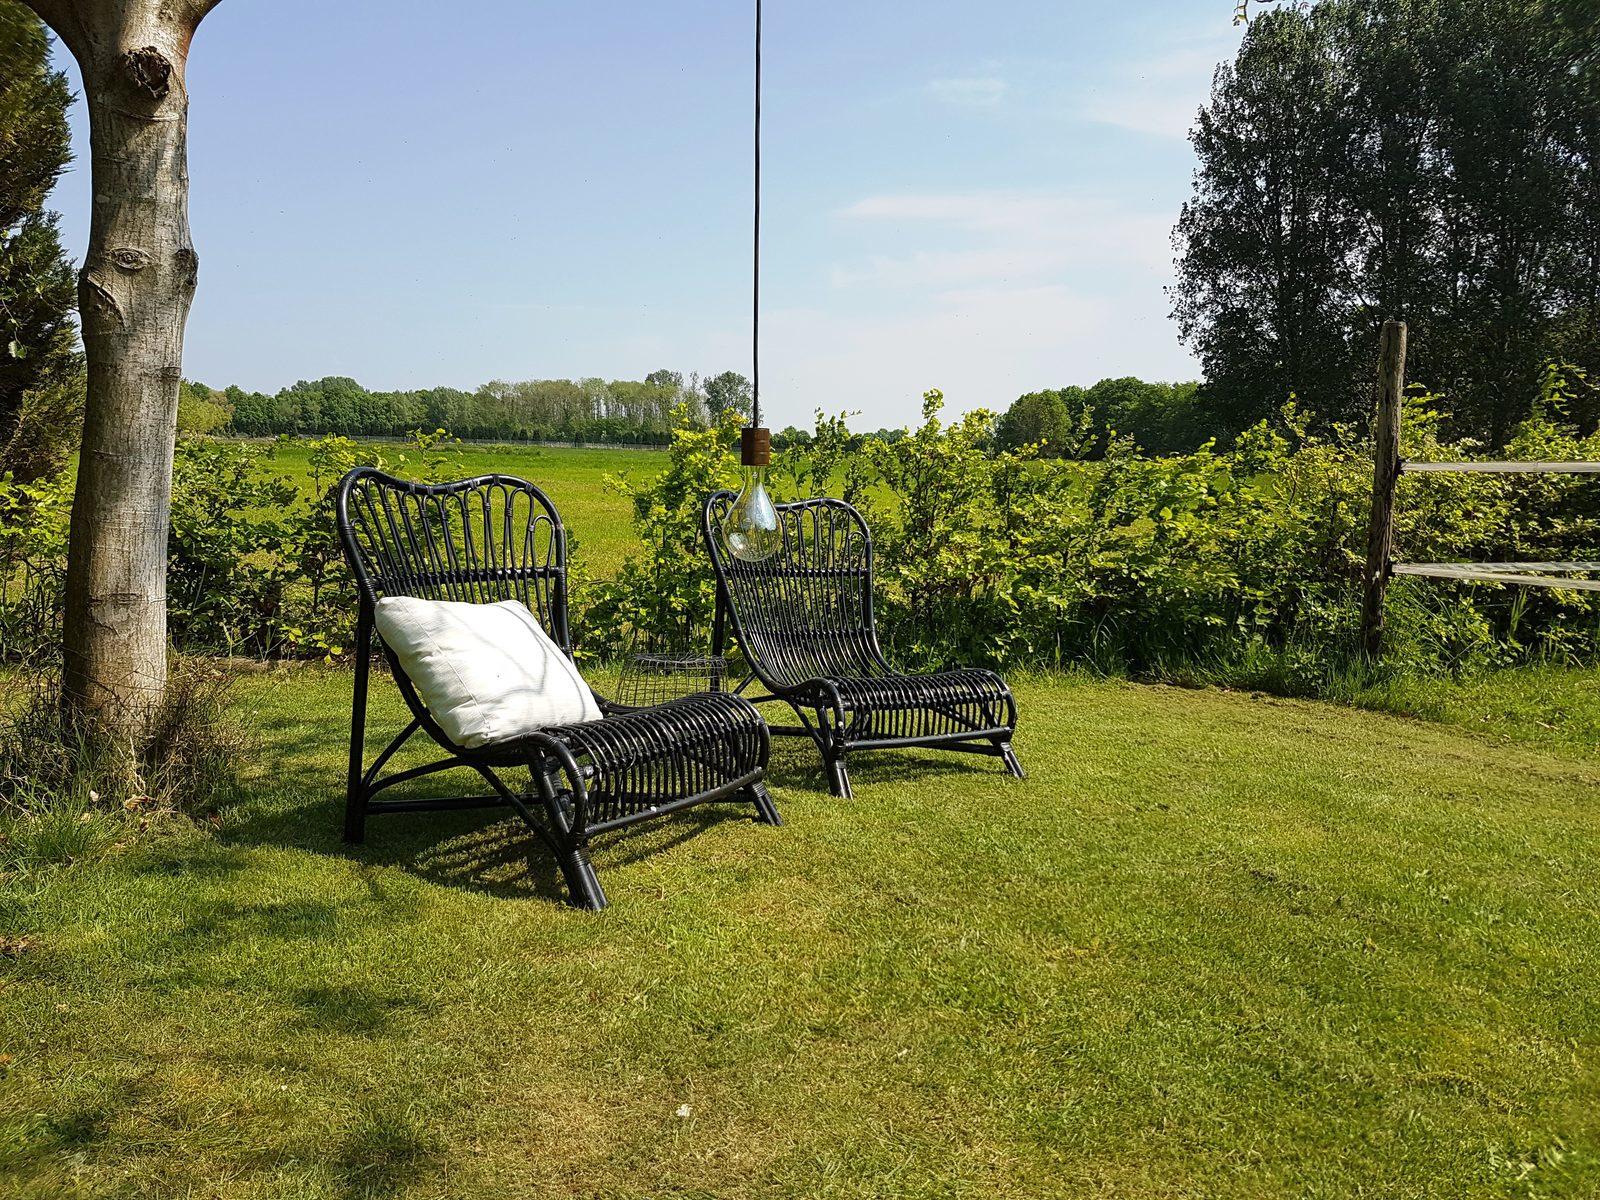 Nederland, Brabant, vakantie, vakantiehuis, weekendje weg, natuur, vrienden